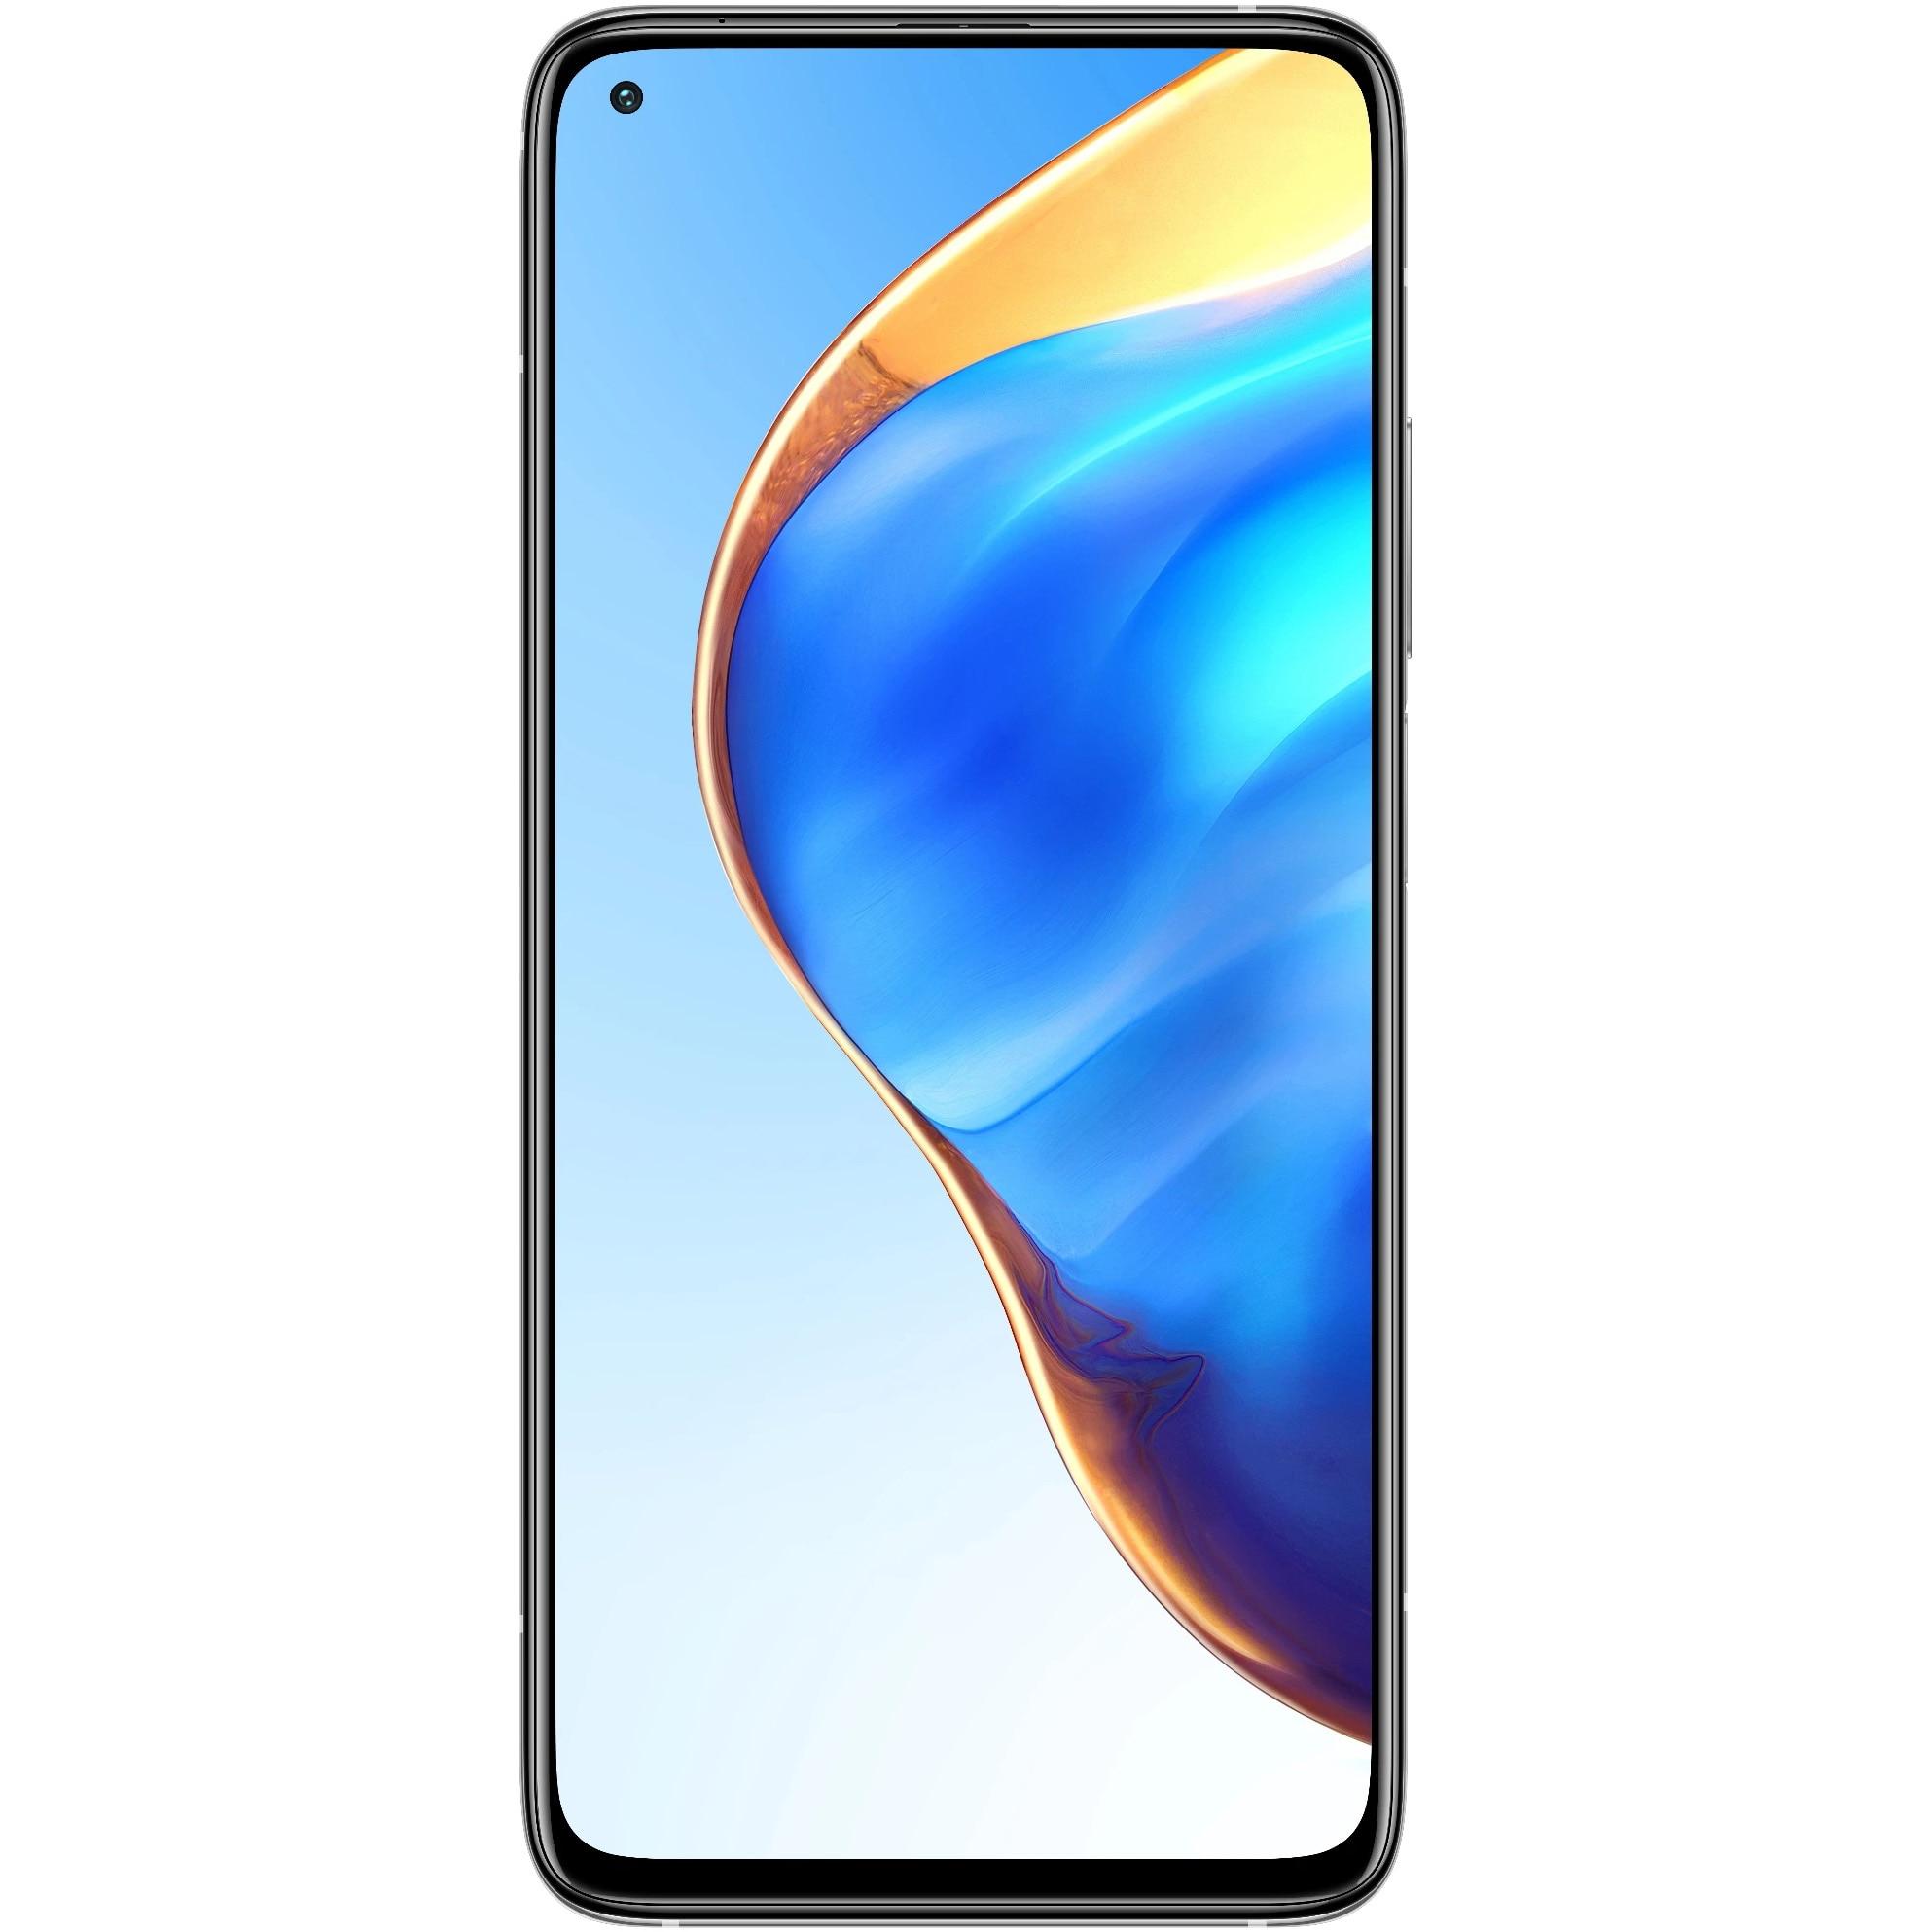 Fotografie Telefon mobil Xiaomi Mi 10T Pro, Dual SIM, 128GB, 8GB RAM, 5G, Lunar Silver